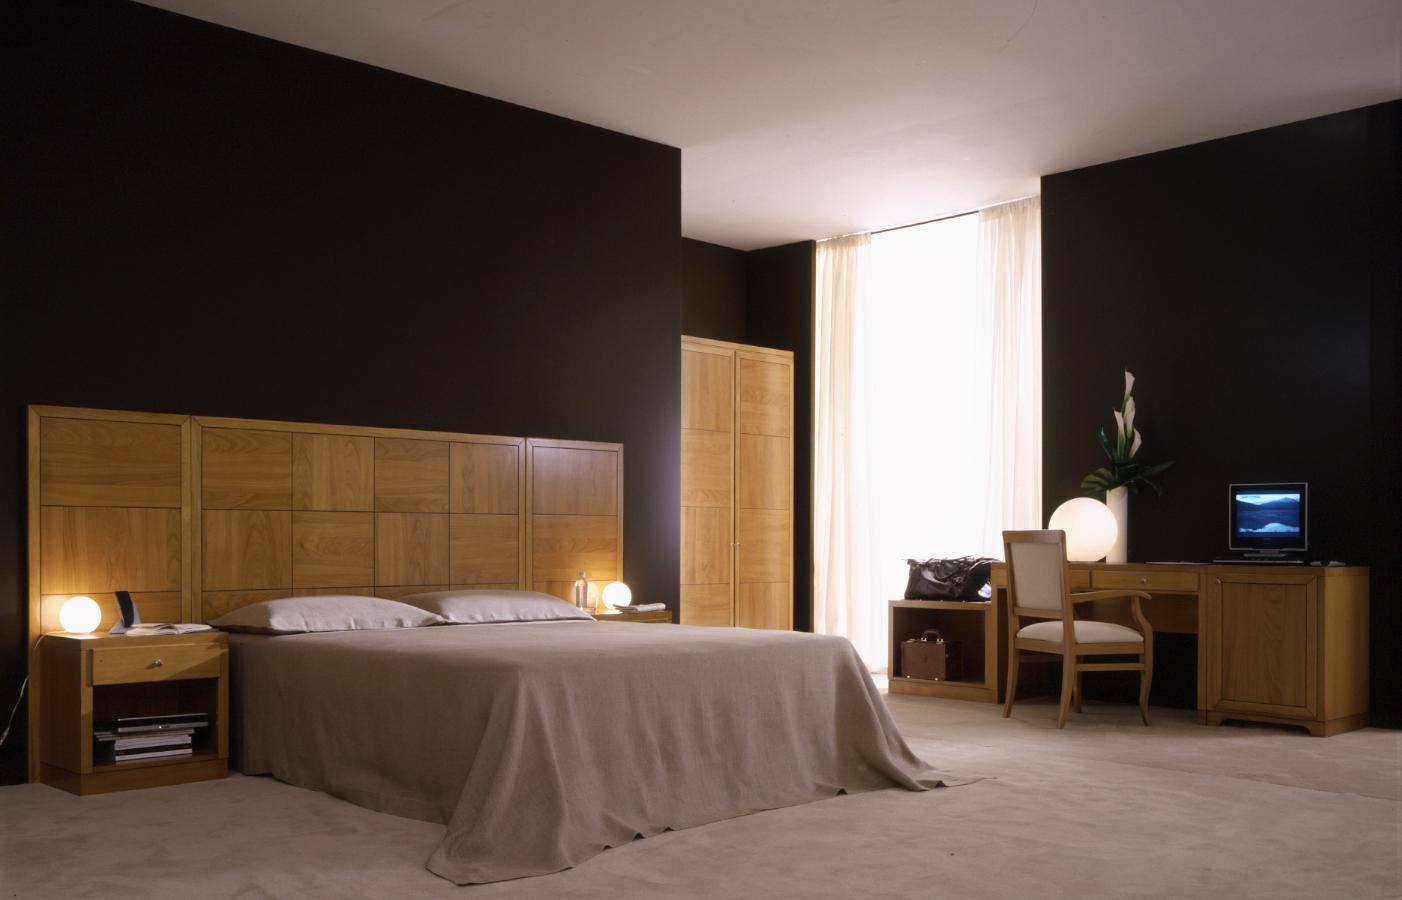 Chambre d 39 h tel contemporain 5 0 100 0 pi ces for Chambre d hotel nice